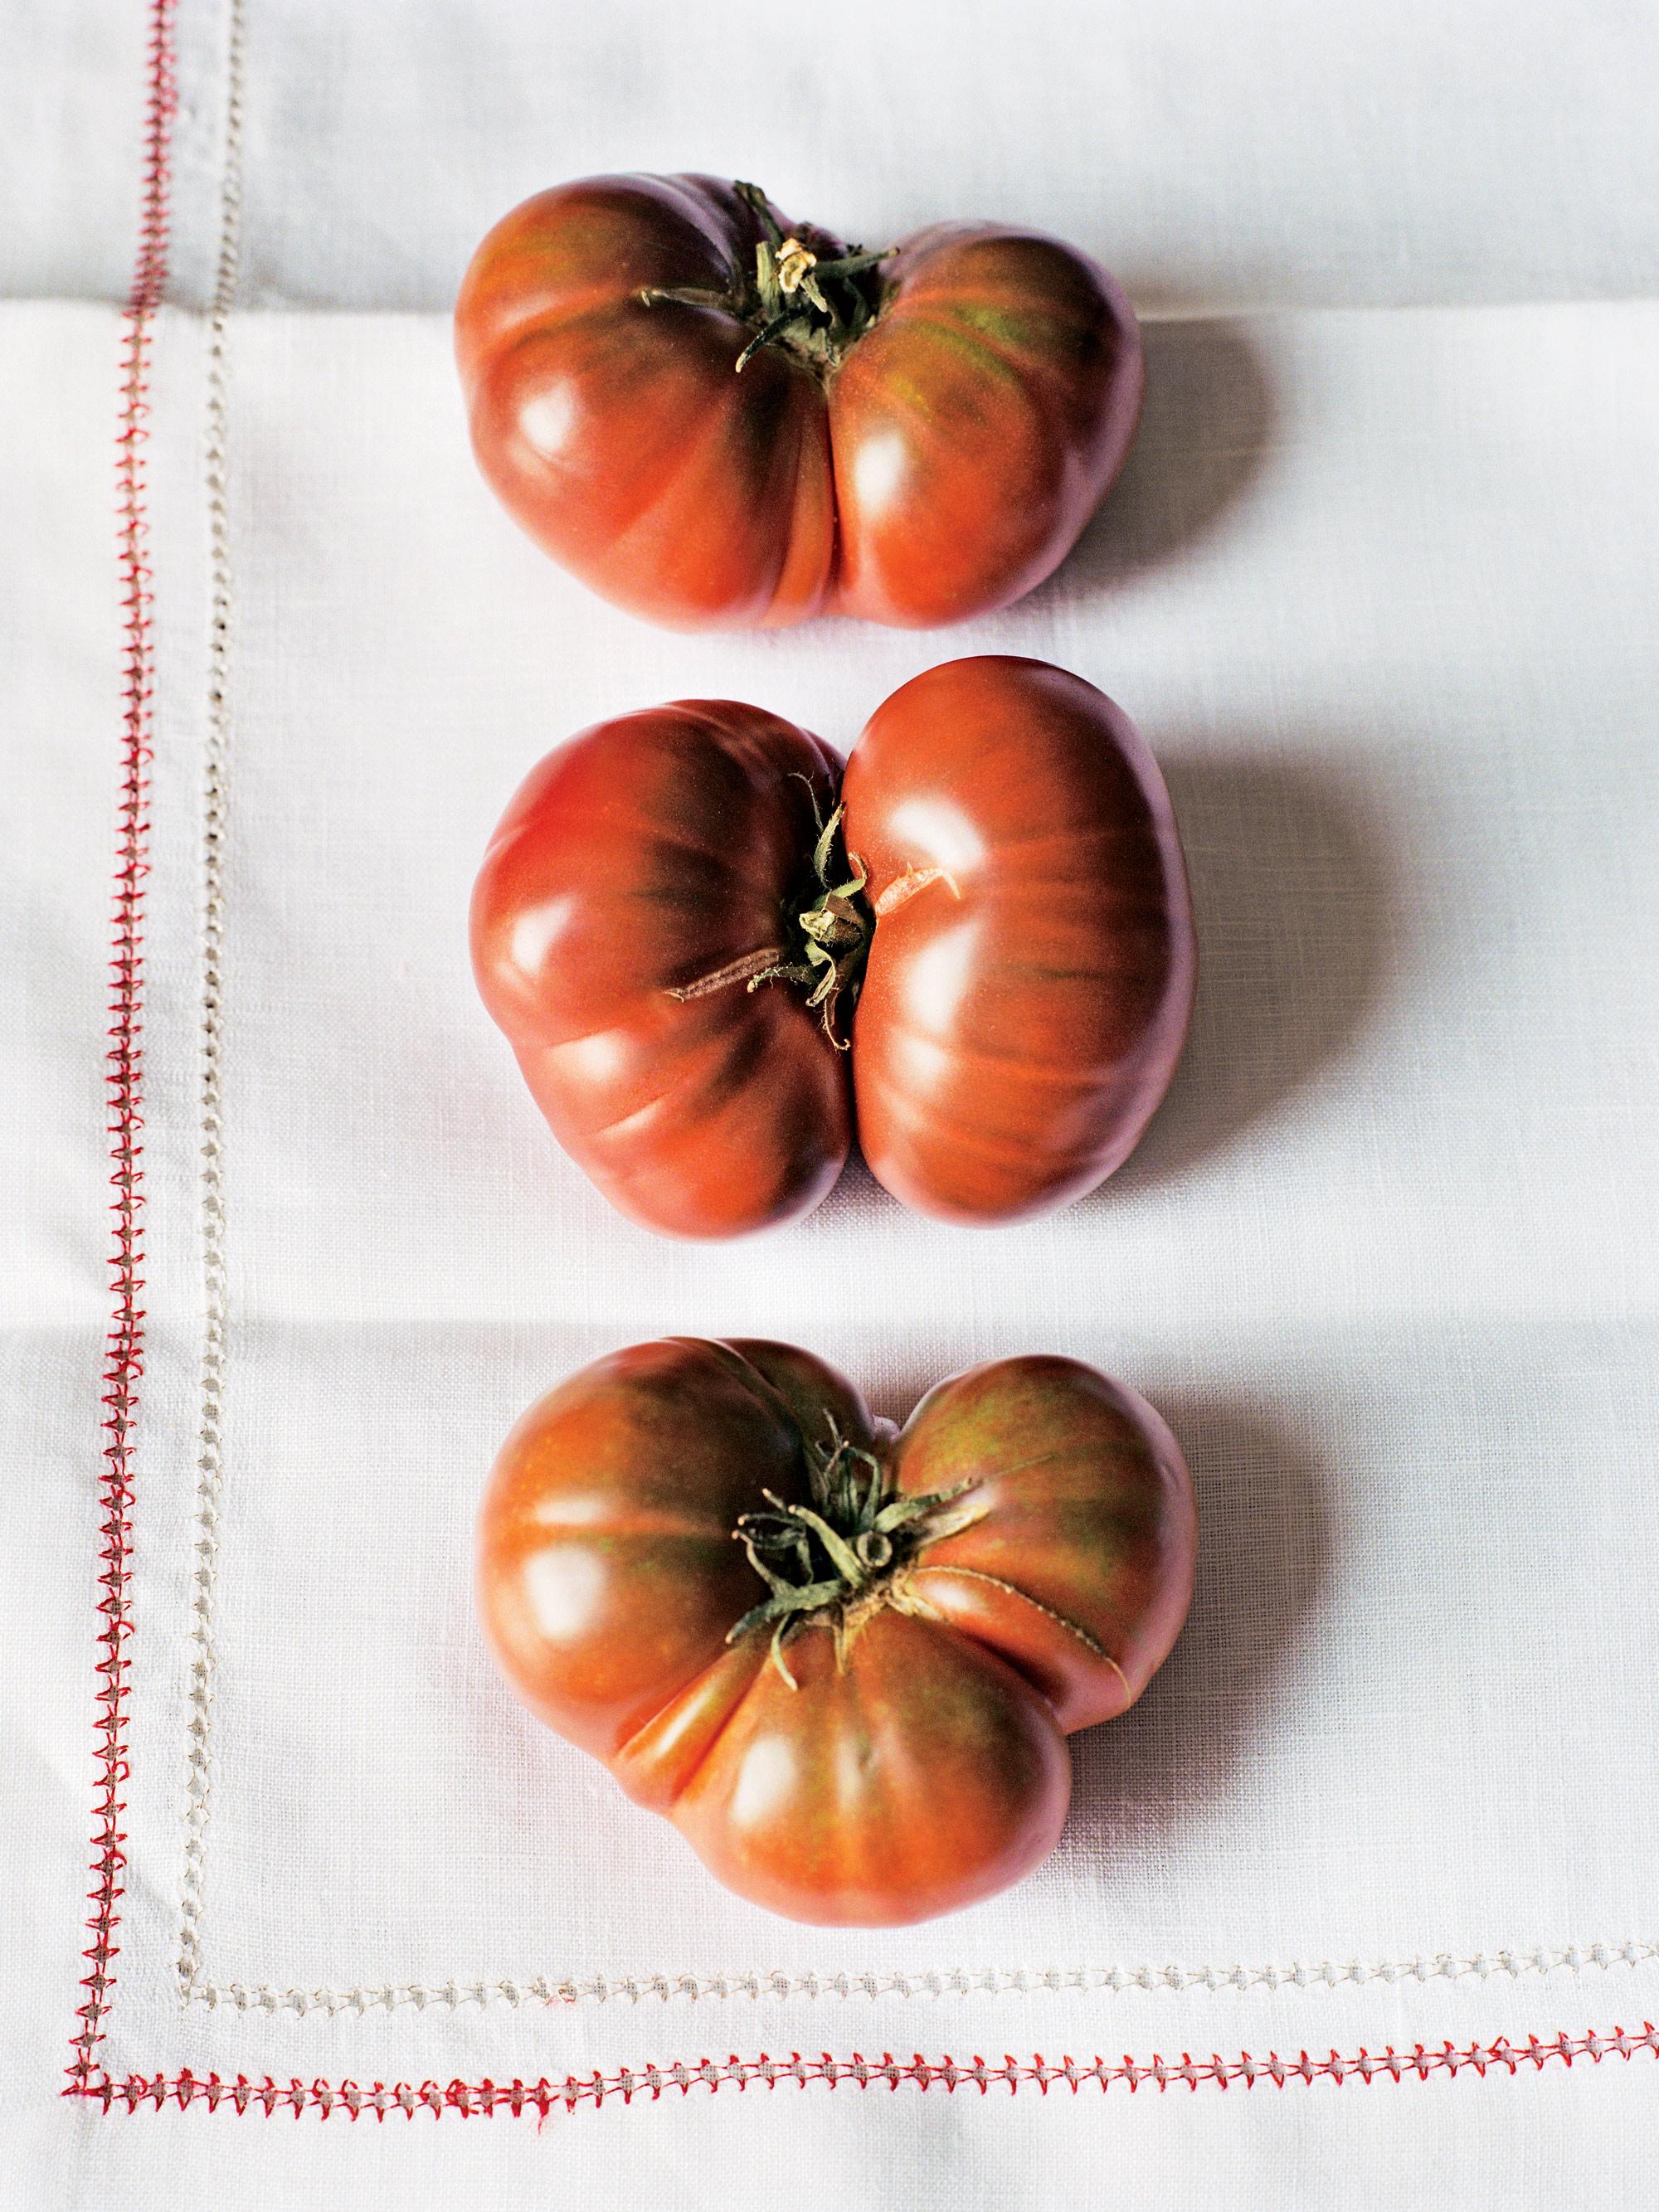 image via www.gardeners.com